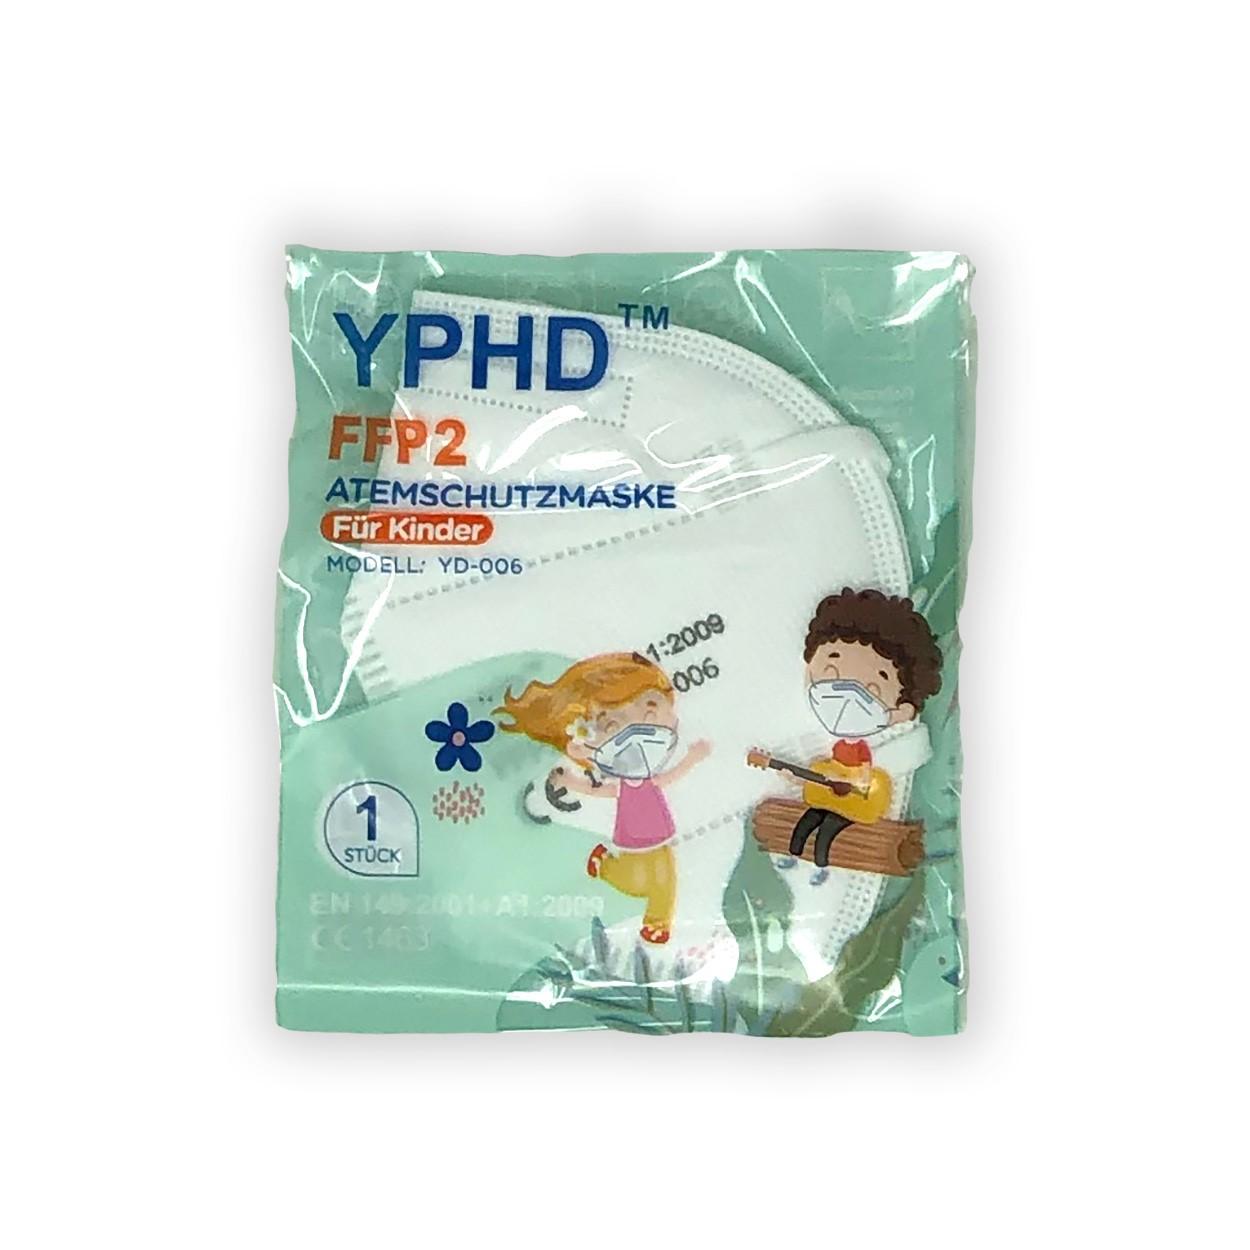 FFP2 Atemschutzmaske YD-006 für Kinder